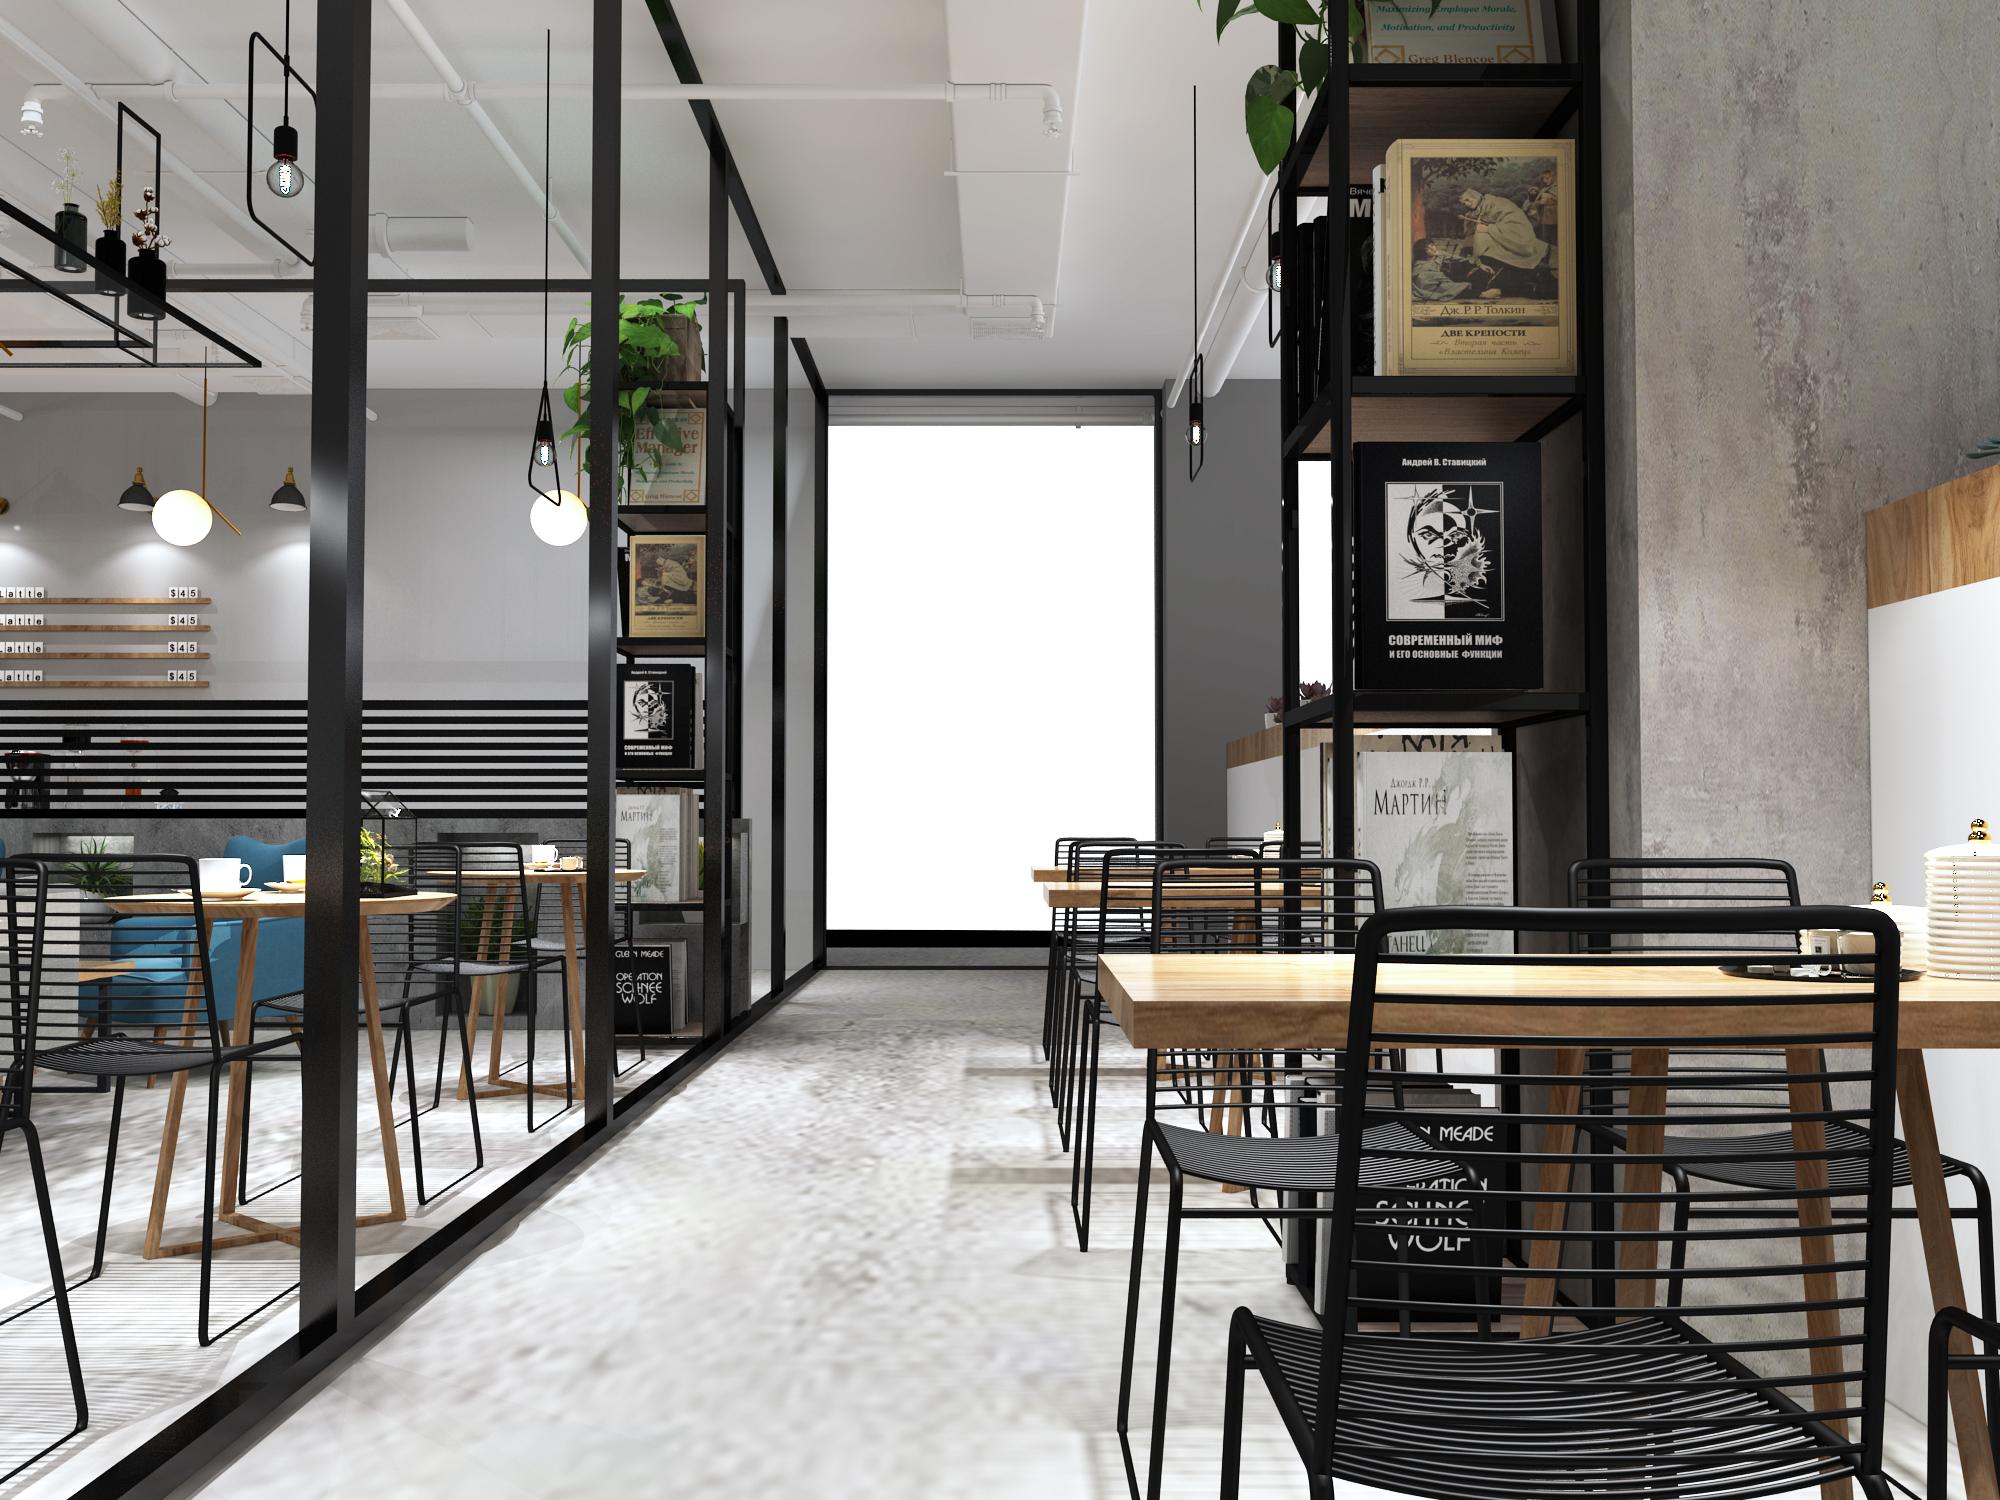 咖啡厅设计水吧清吧餐饮设计室内设计公装效果图图设计装修效果图